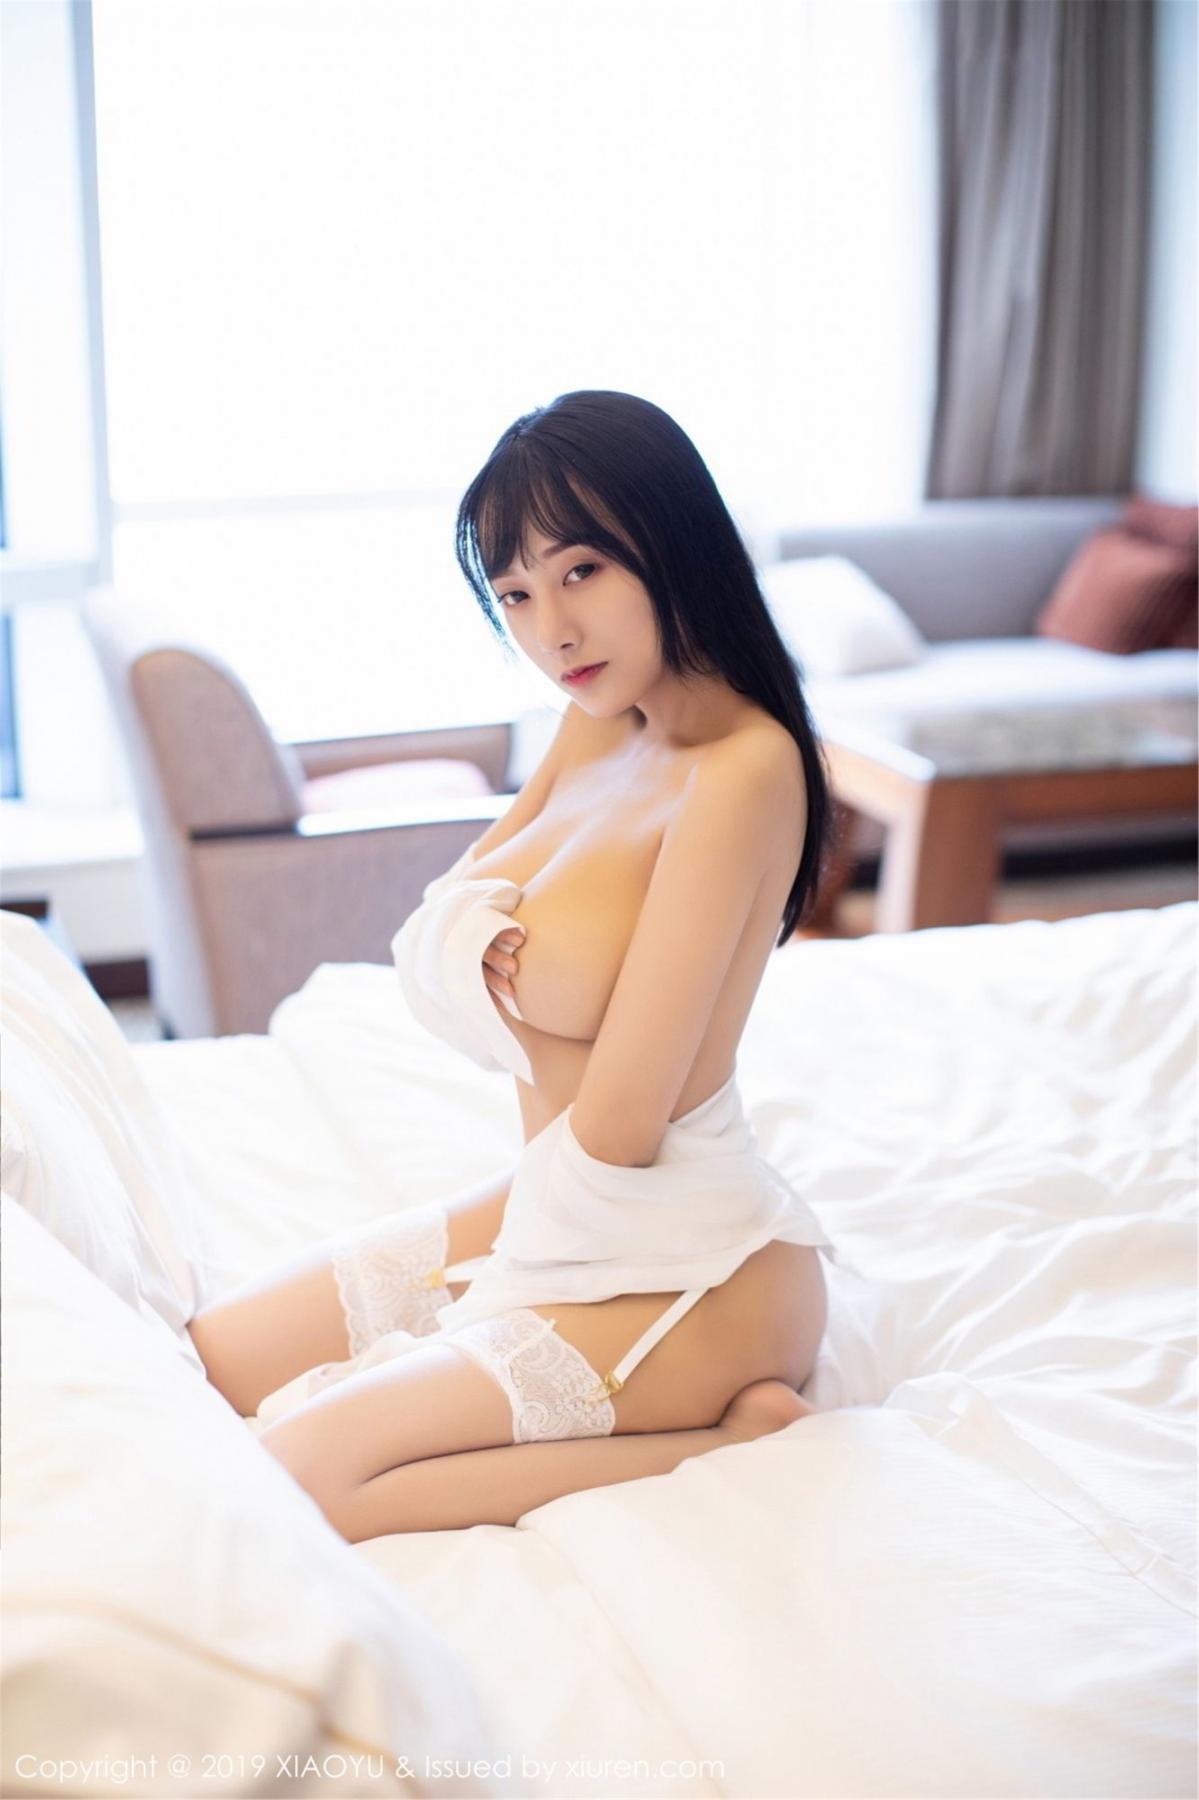 [XiaoYu] Vol.076 He Jia Ying 65P, He Jia Ying, Underwear, XiaoYu